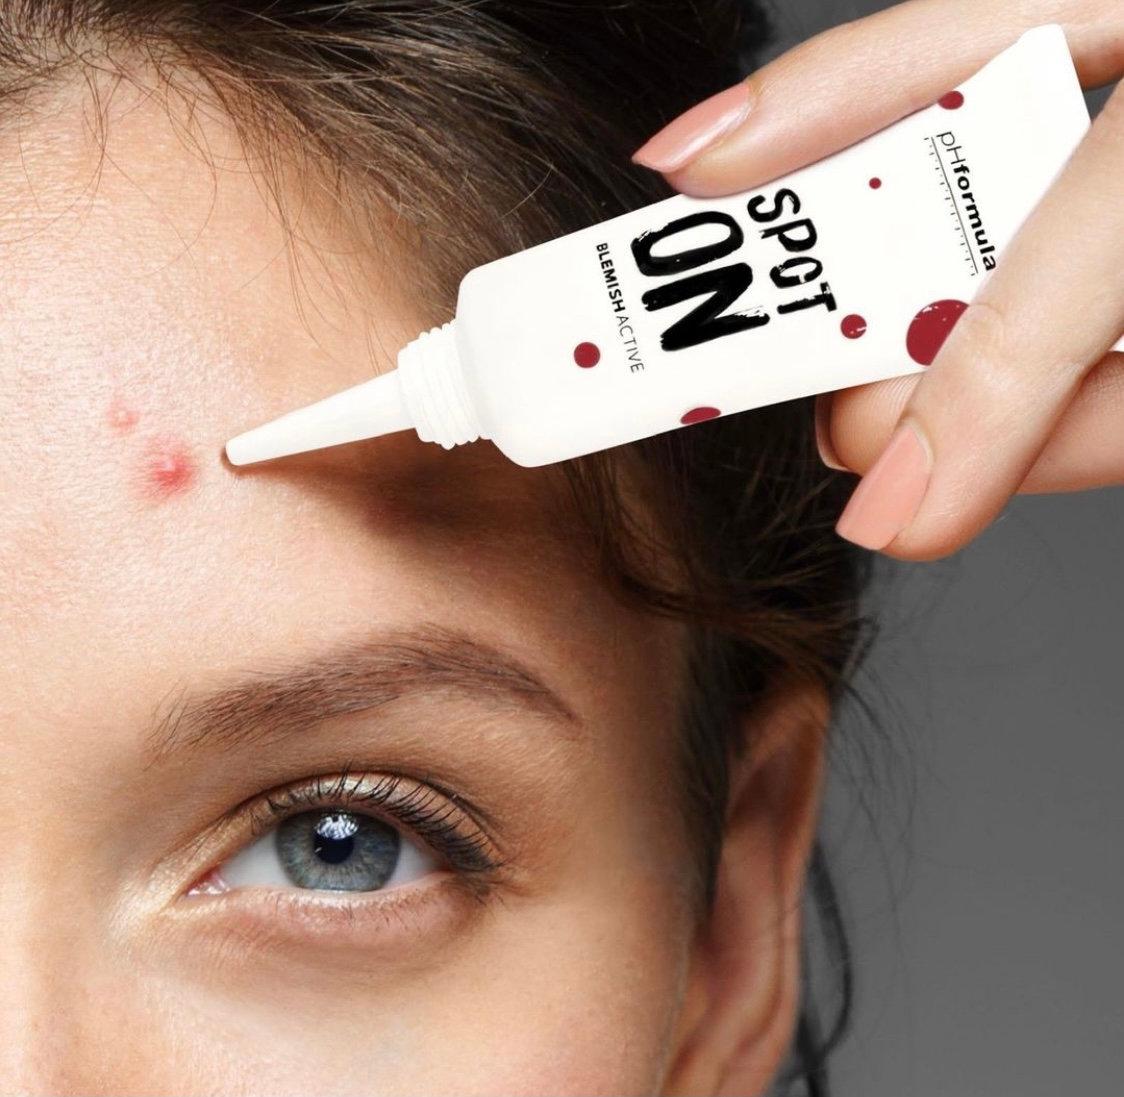 V&V dyprens uren/acne hud